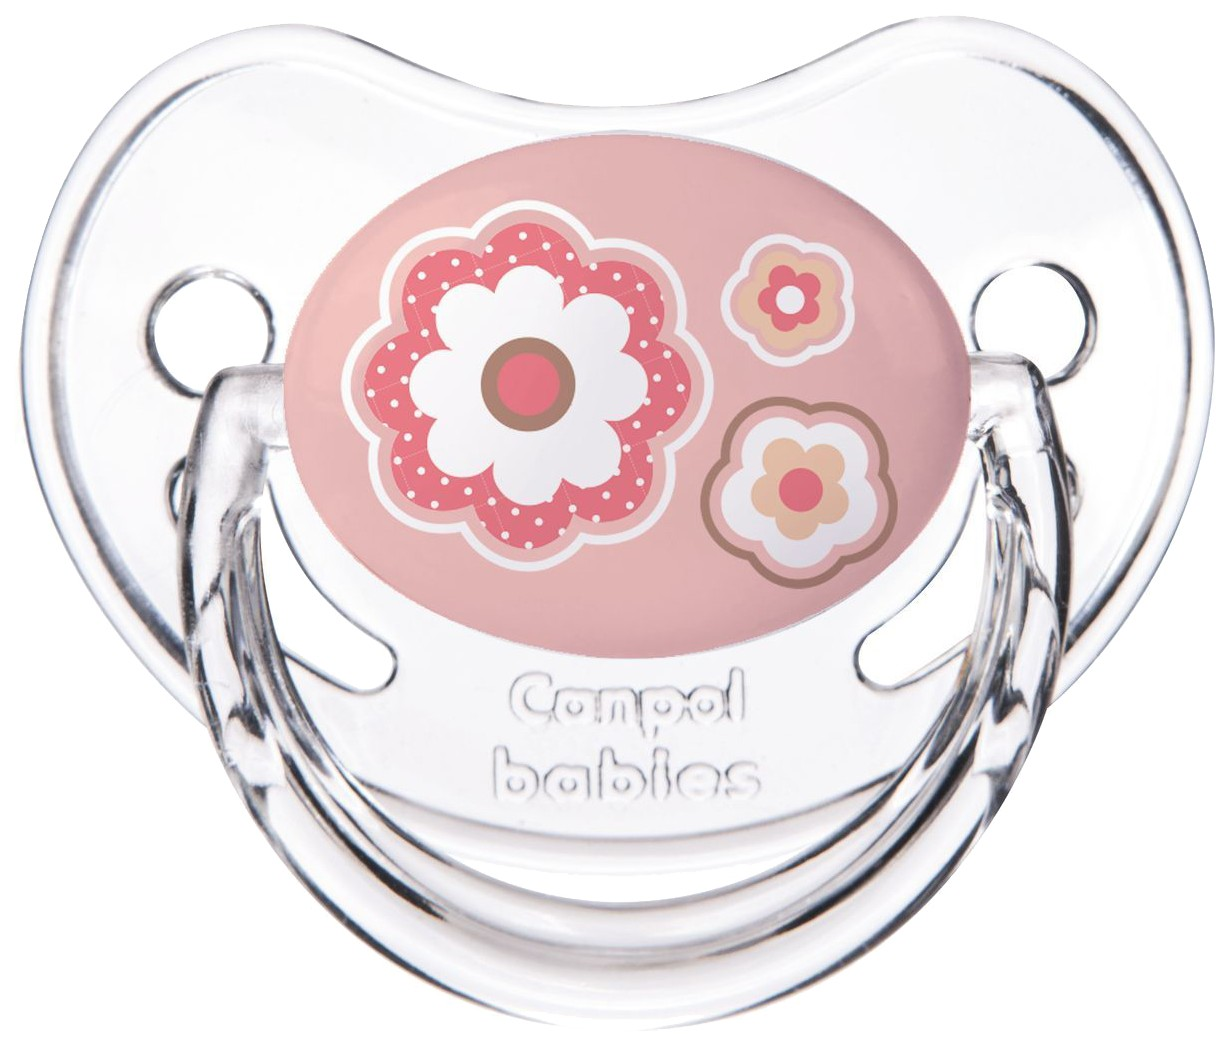 Пустышка анатомическая Canpol Newborn baby силикон, 0-6 мес., арт. 22/565 цвет розовый